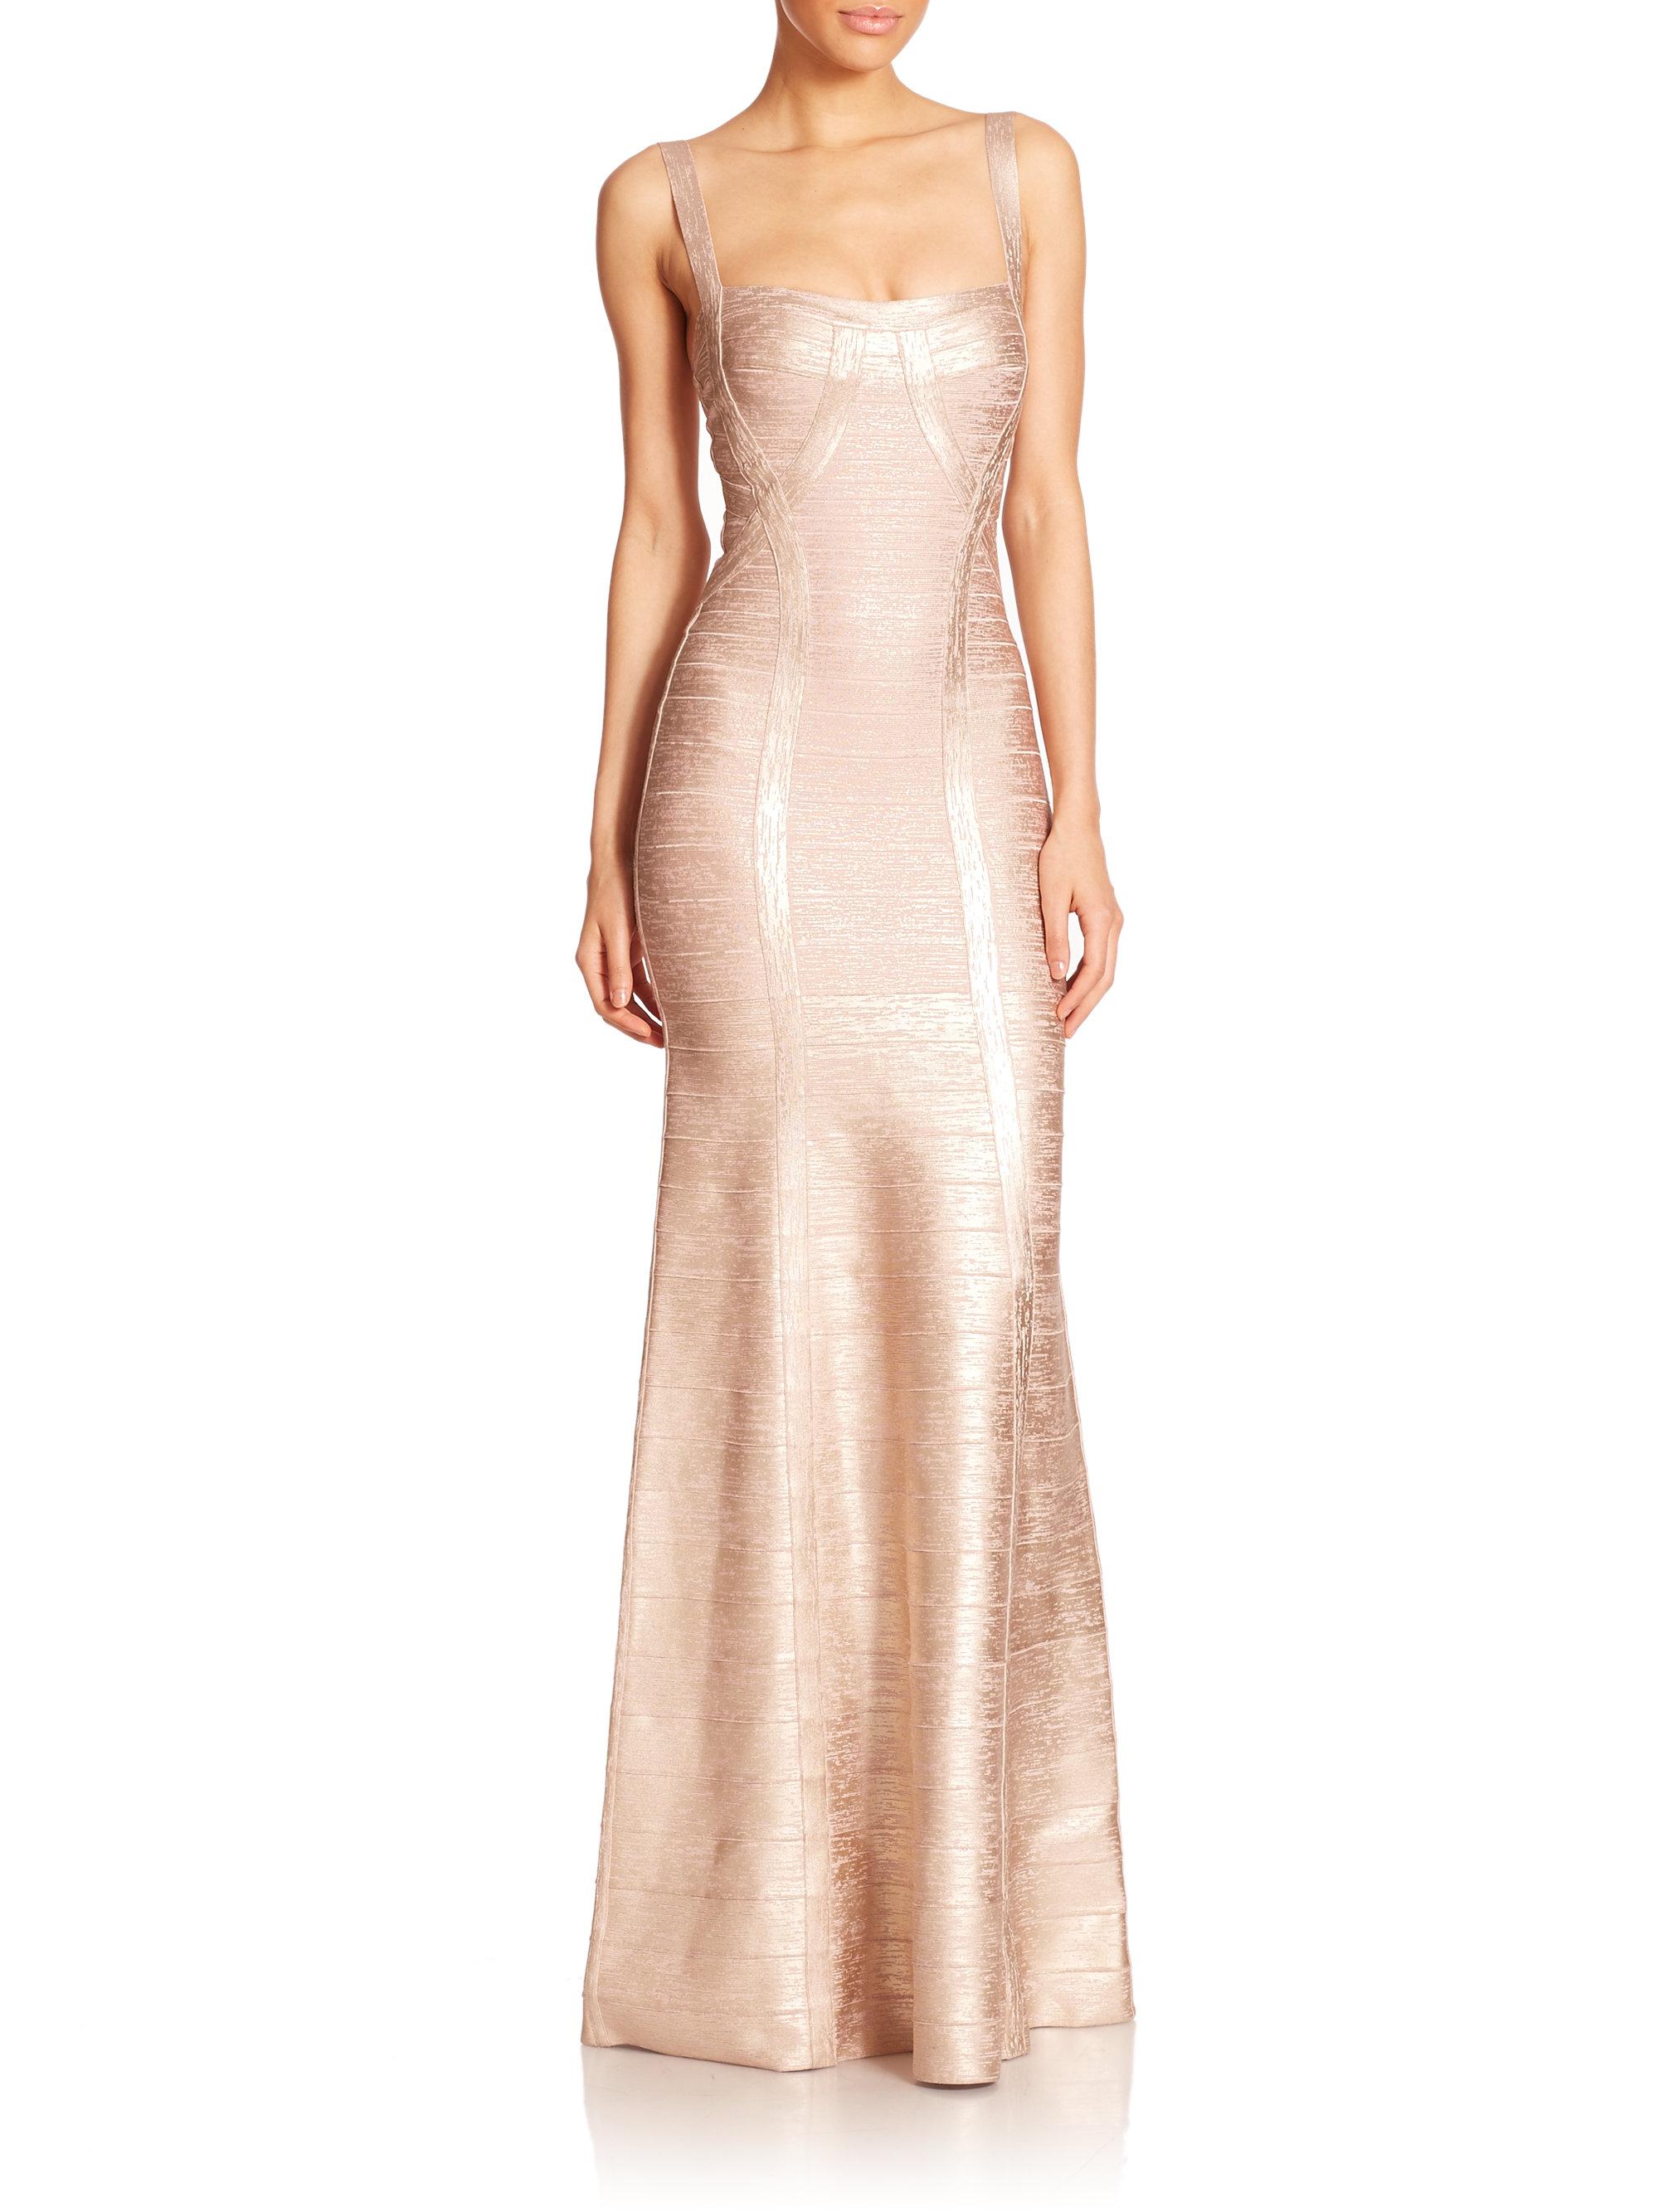 Lyst - Hervé Léger Foil-Embellished Bandage Gown in Pink